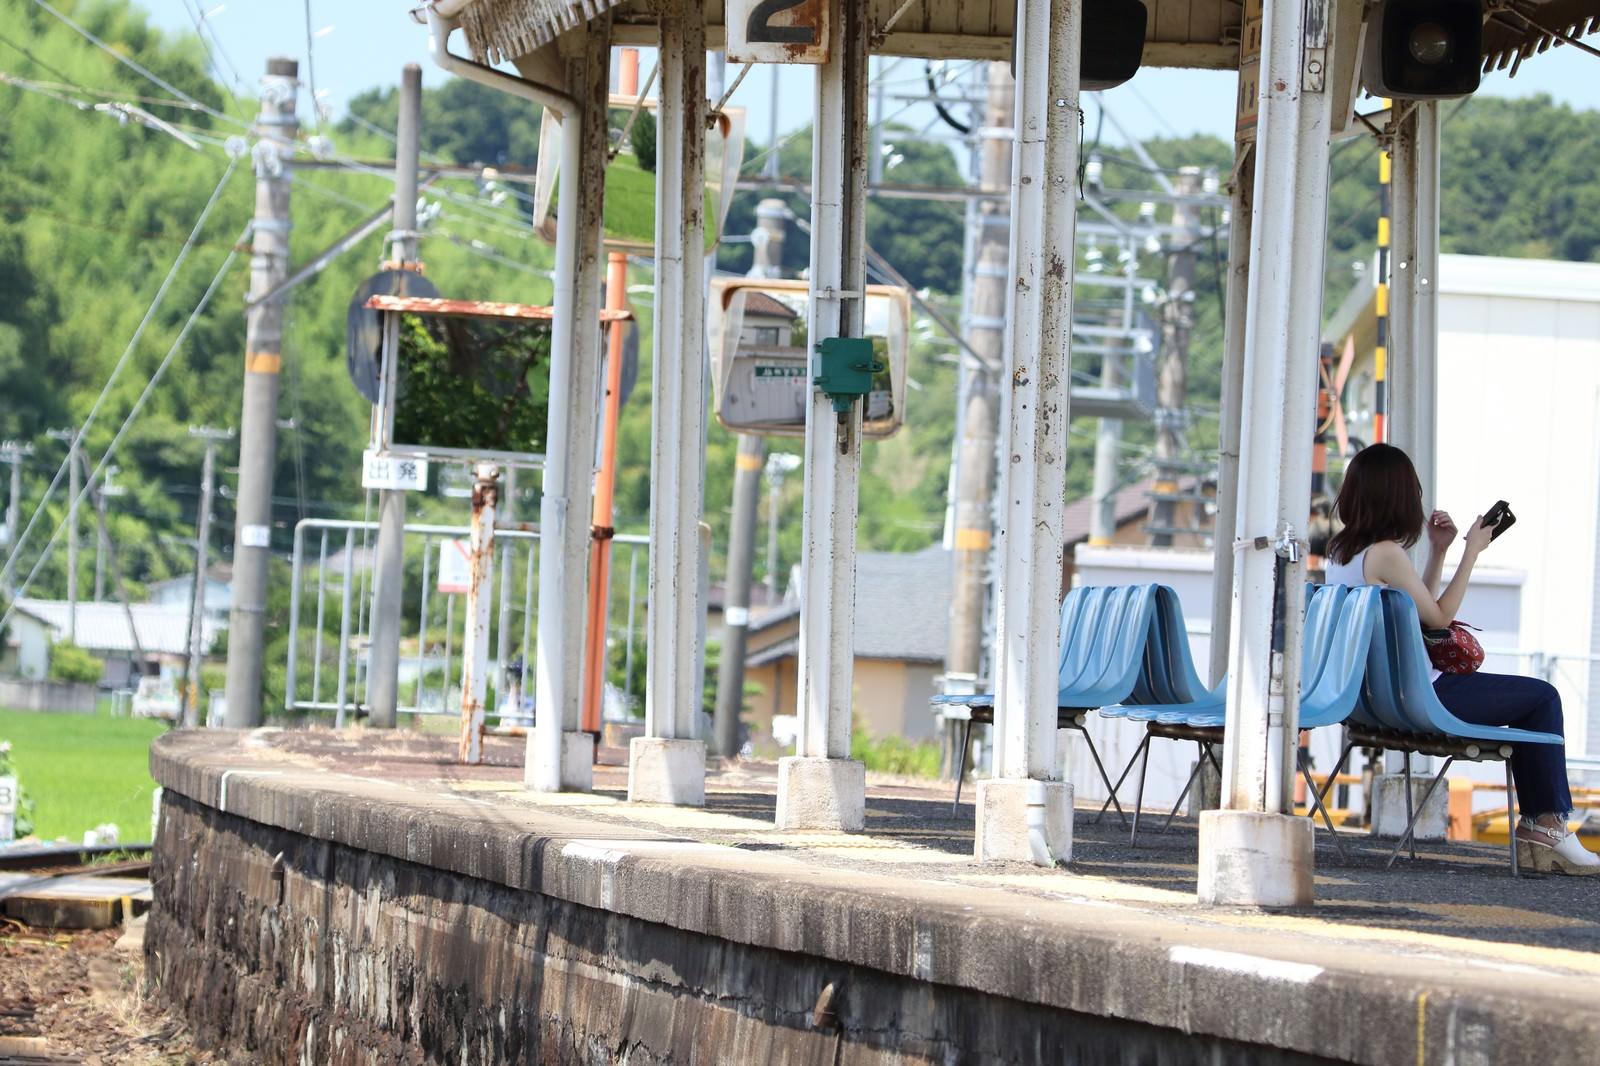 「ローカル線ホームの爽夏ローカル線ホームの爽夏」のフリー写真素材